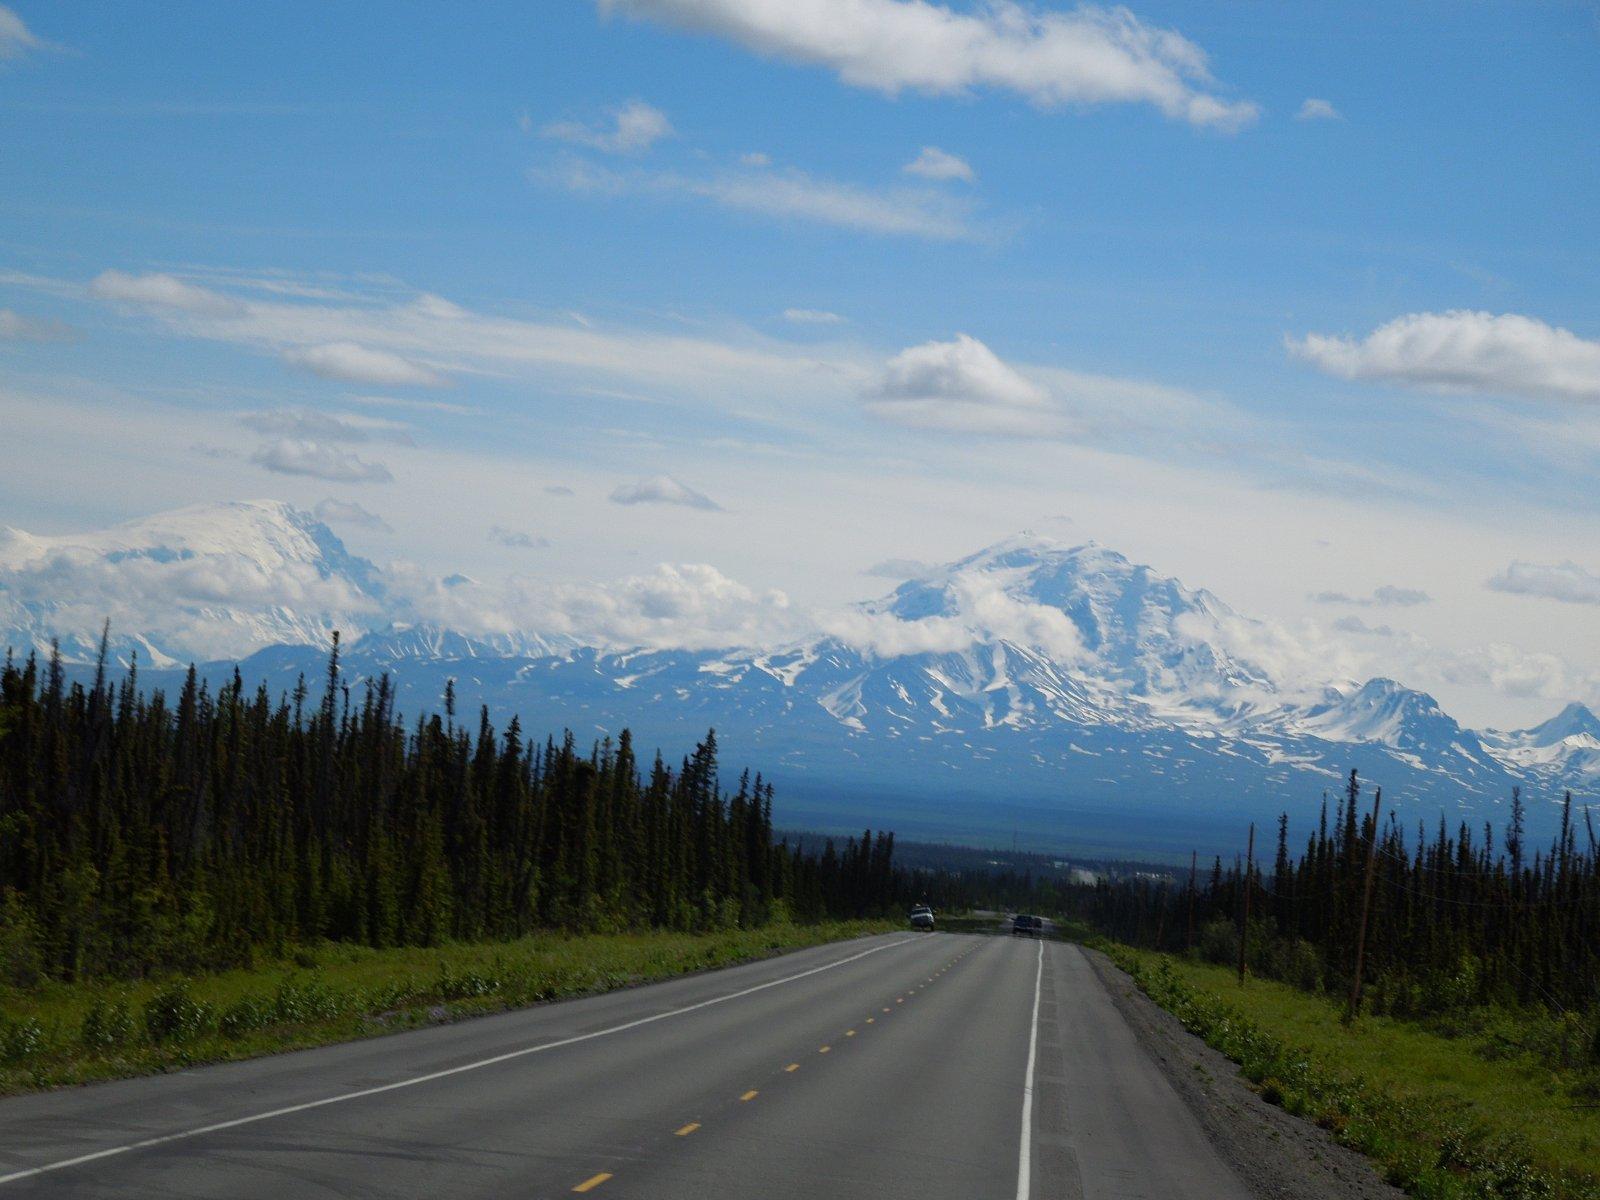 Click image for larger version  Name:Glennallen to Valdez 015.jpg Views:53 Size:219.4 KB ID:215331